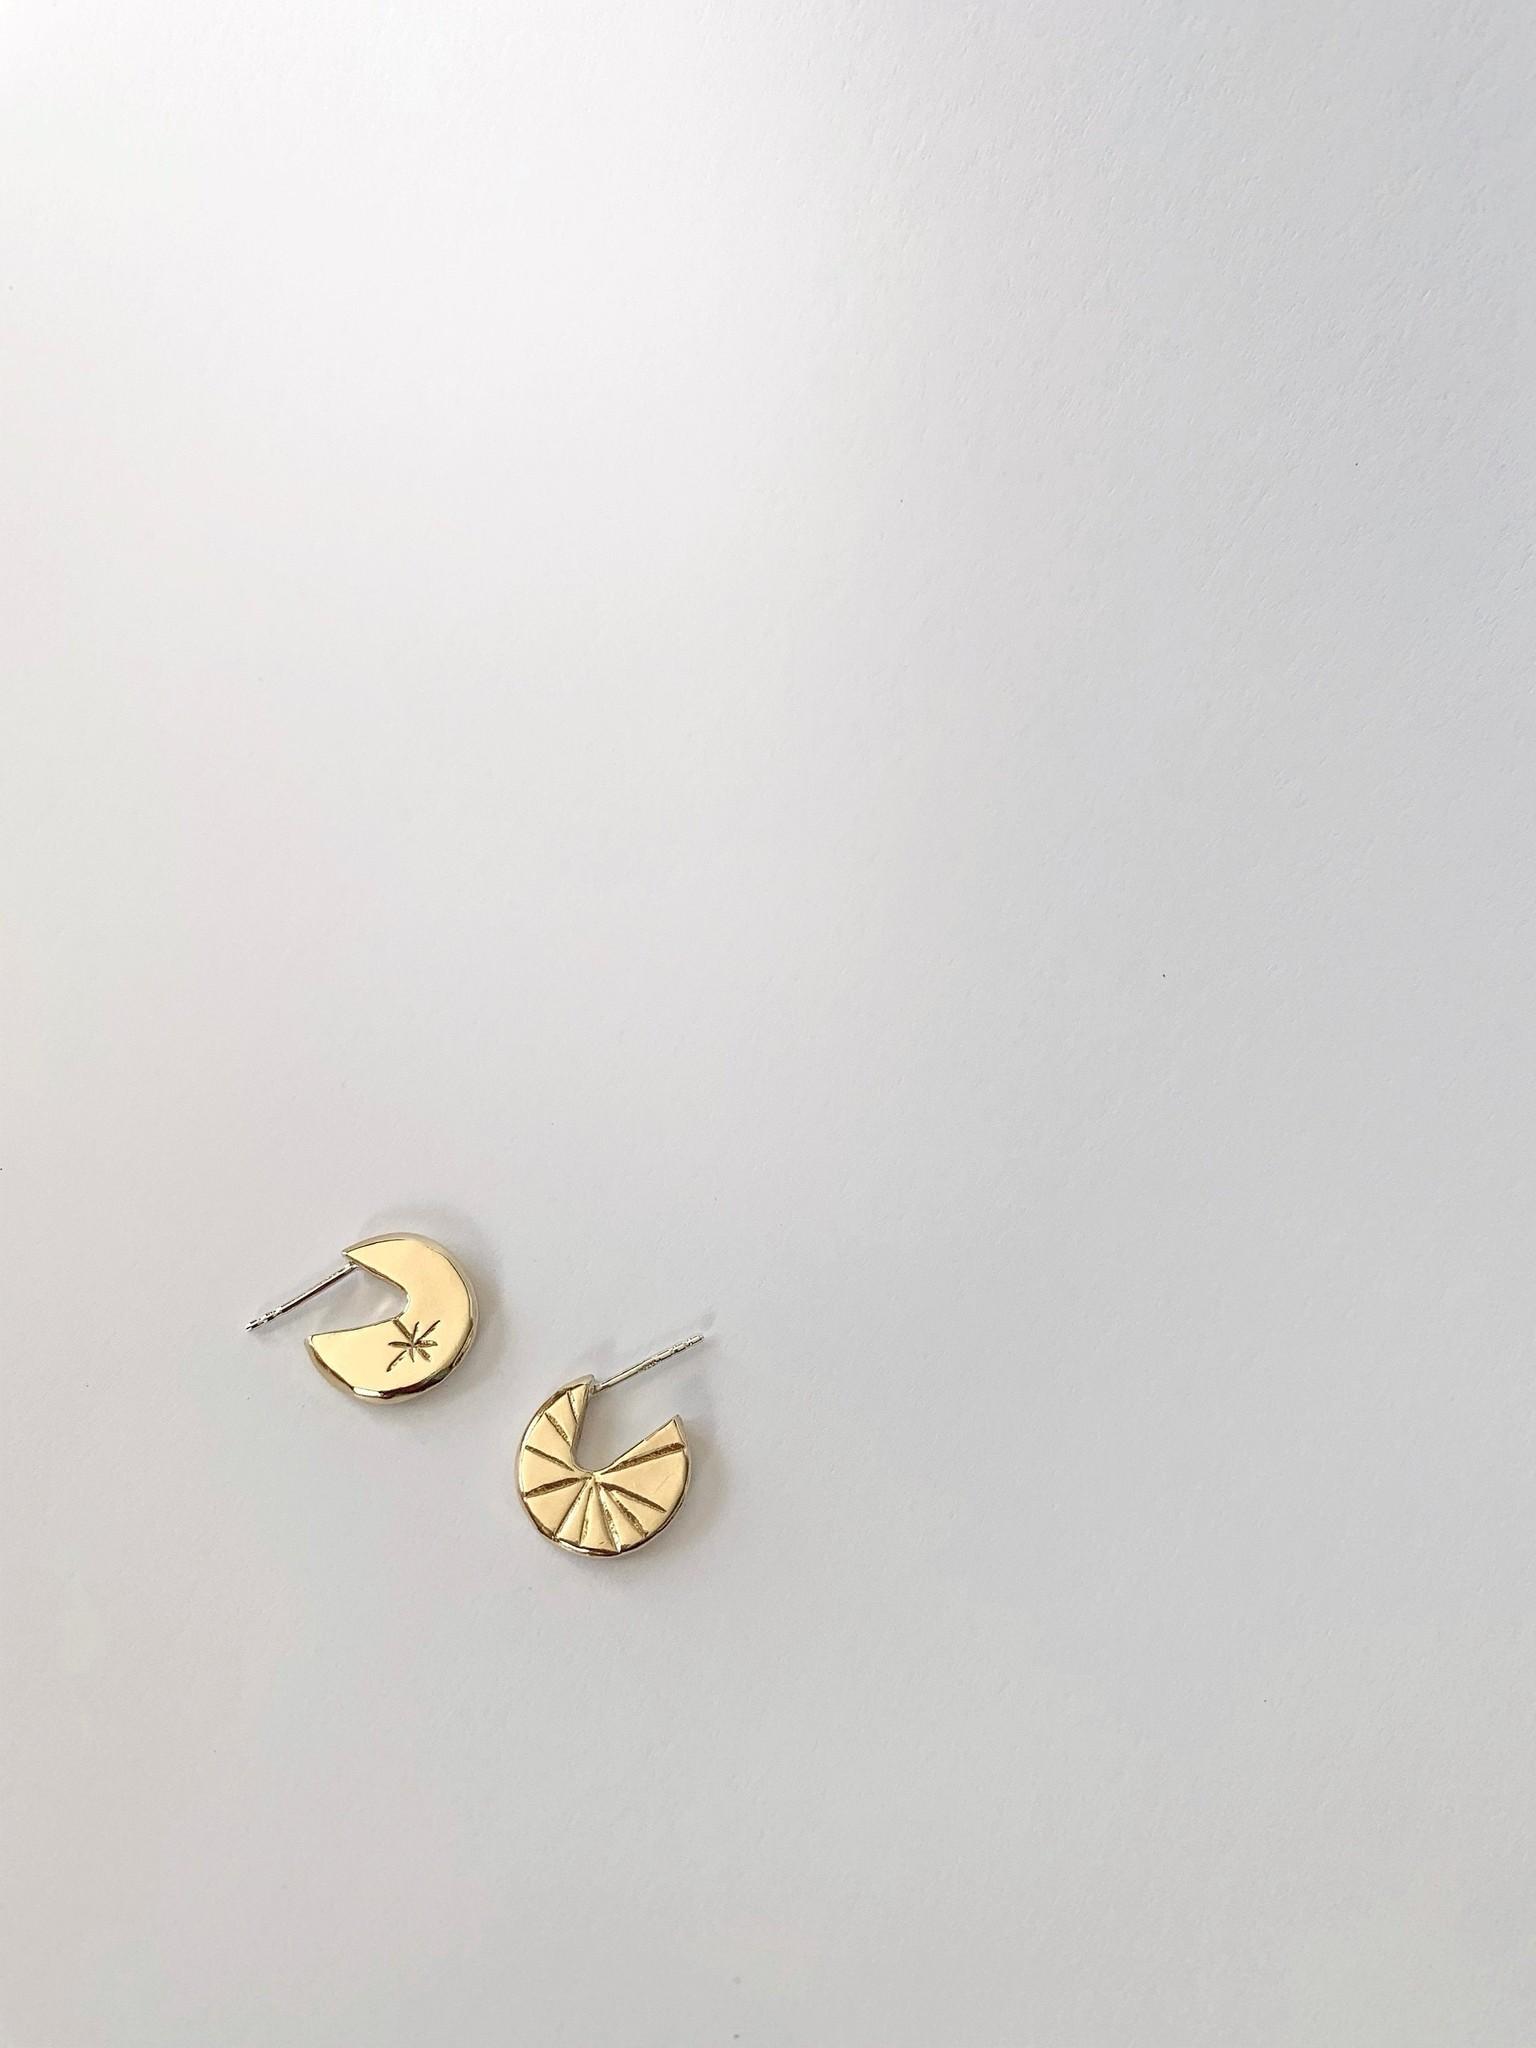 La Manufacture Boucles d'oreilles Ciel